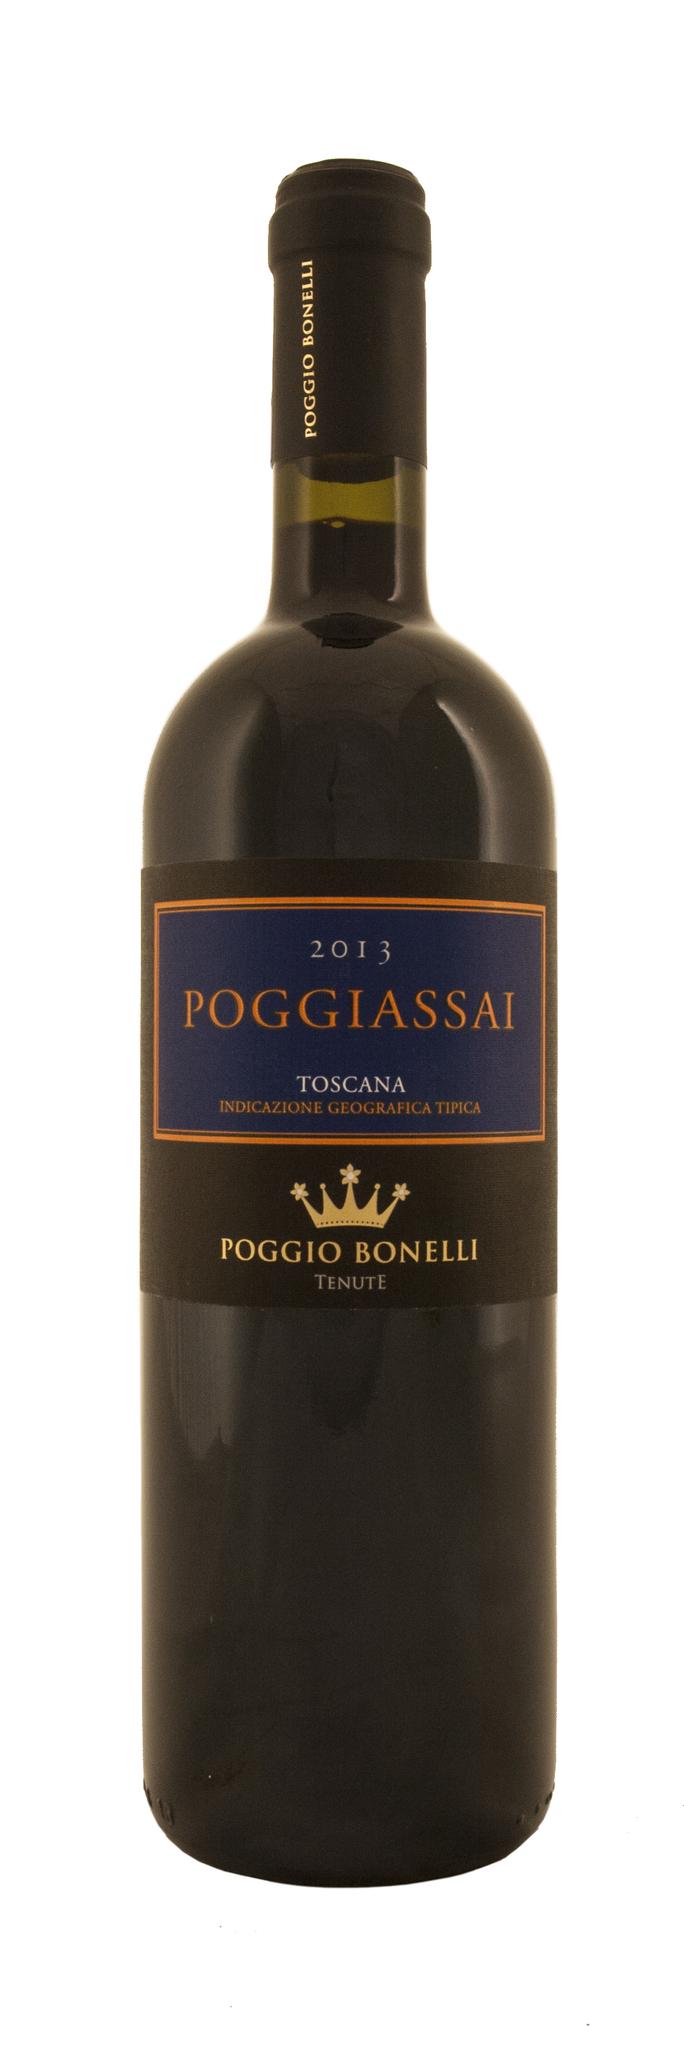 Вино Поджассай Тоскана красное сухое выдерж. защищ.геогр.указ. кат.IGT рег.Тоскана 0,75л